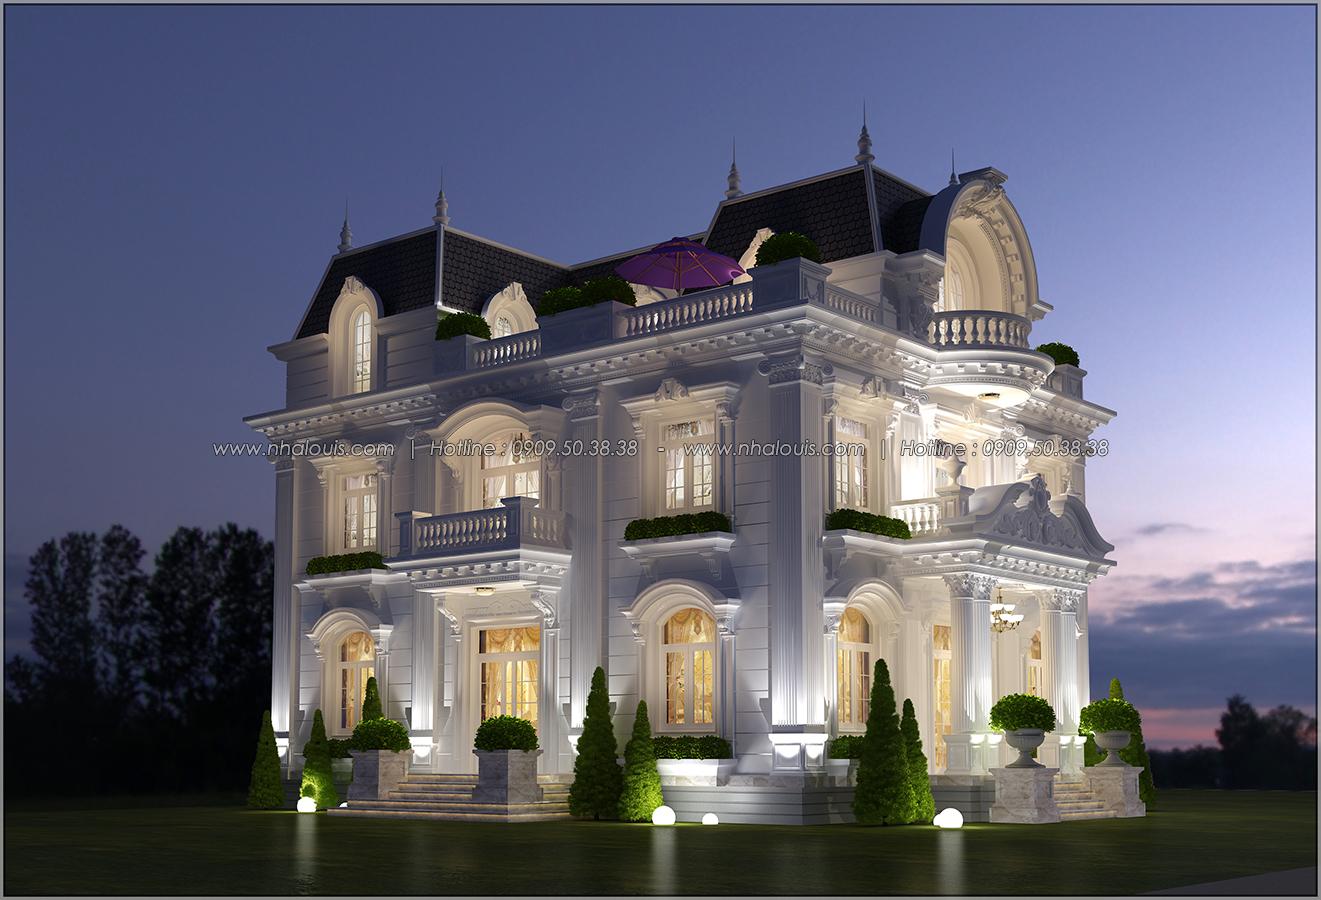 Biệt thự 3 tầng kiểu Pháp hoành tráng tại Biên Hòa đầy mê hoặc - 04